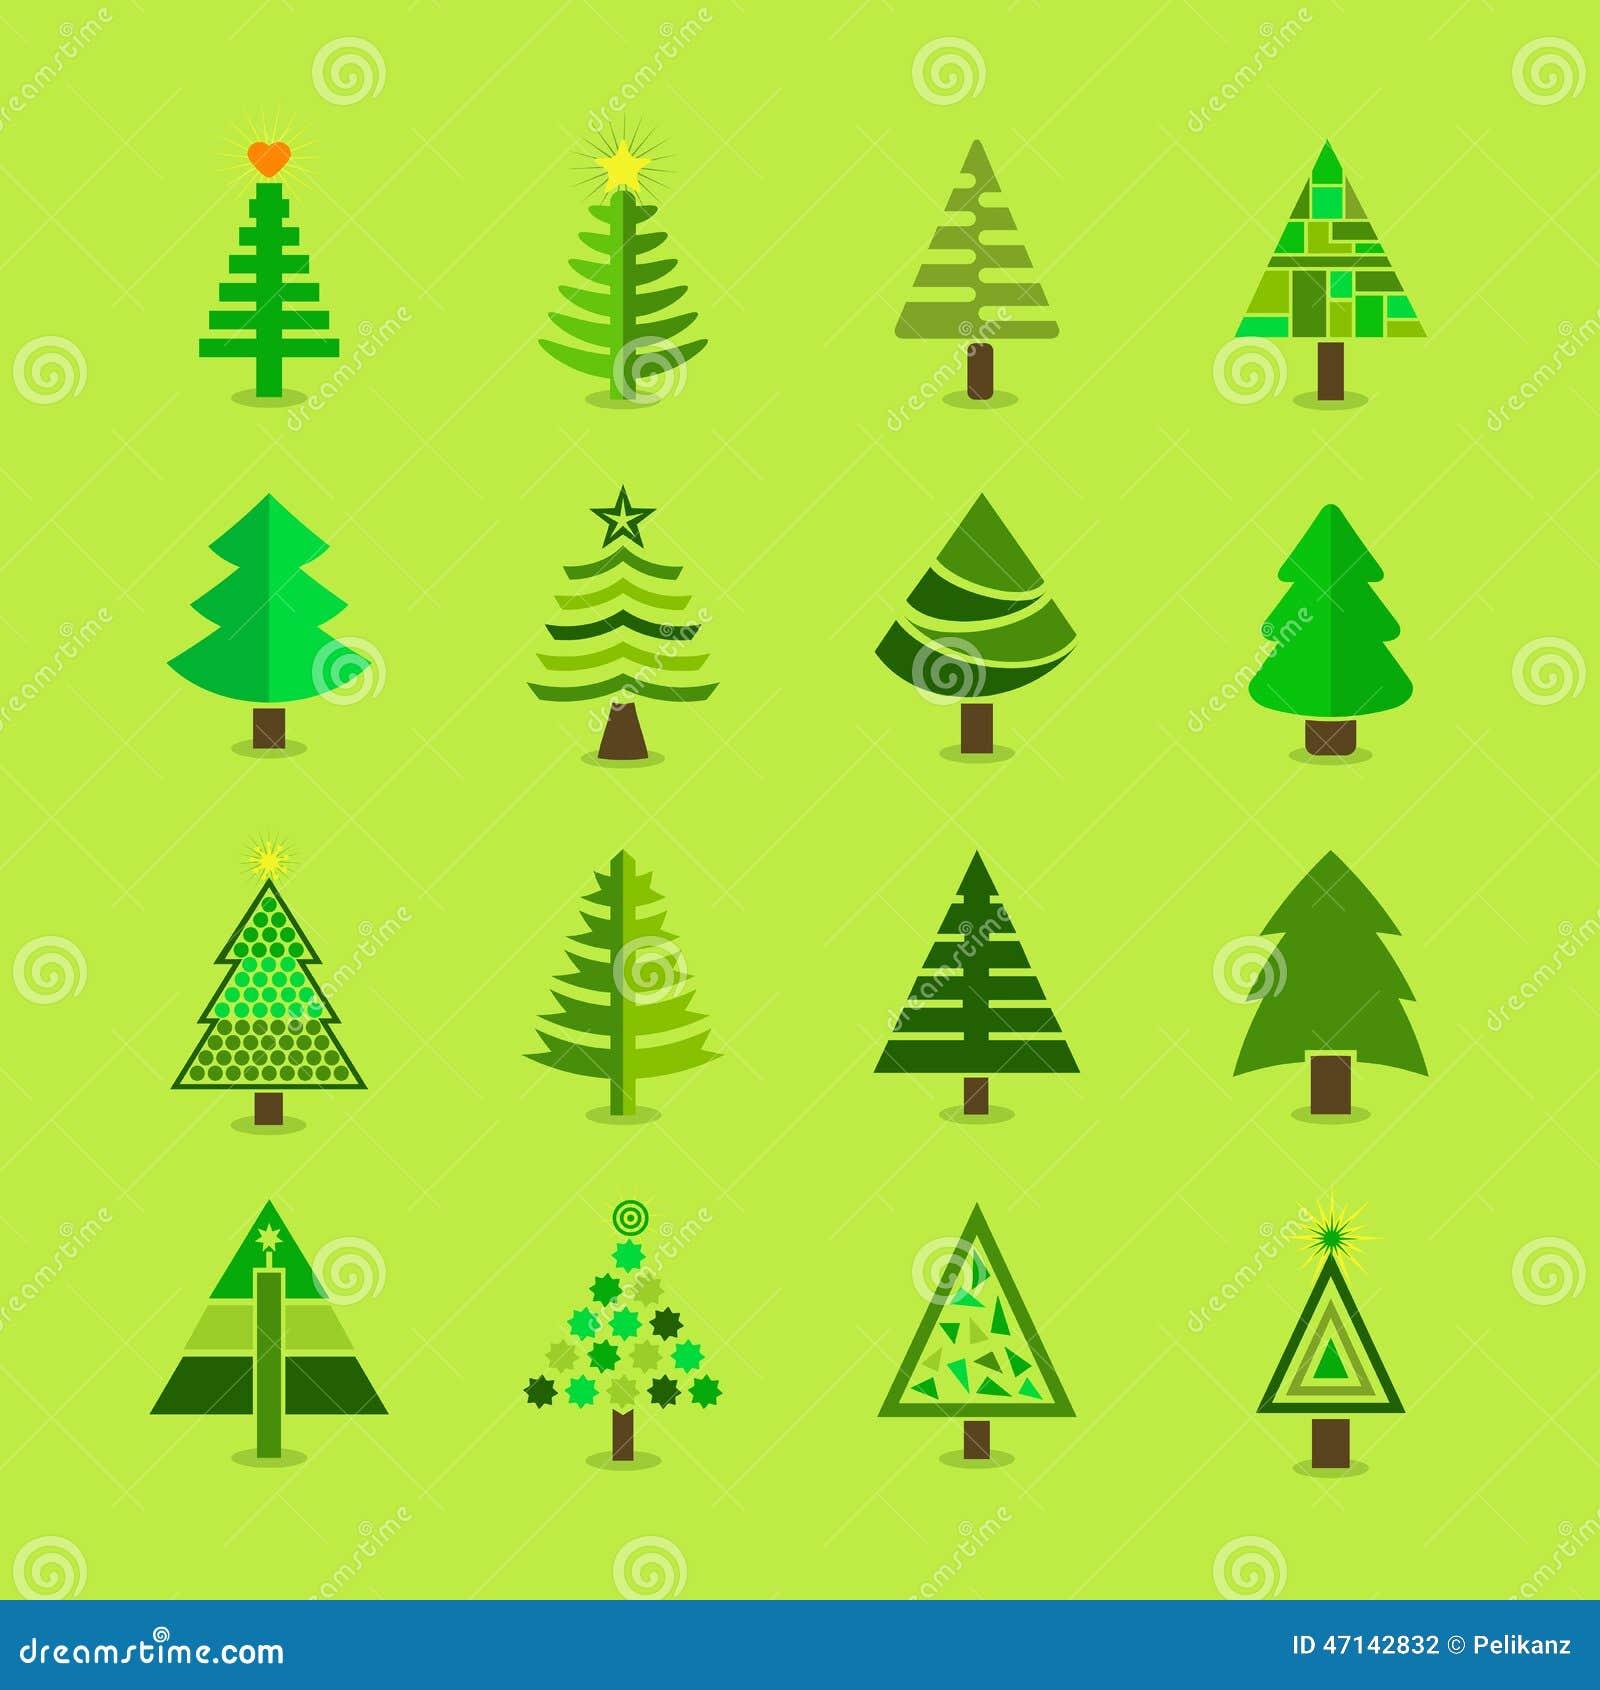 Abstrakte grüne Weihnachtsbaumikonen eingestellt